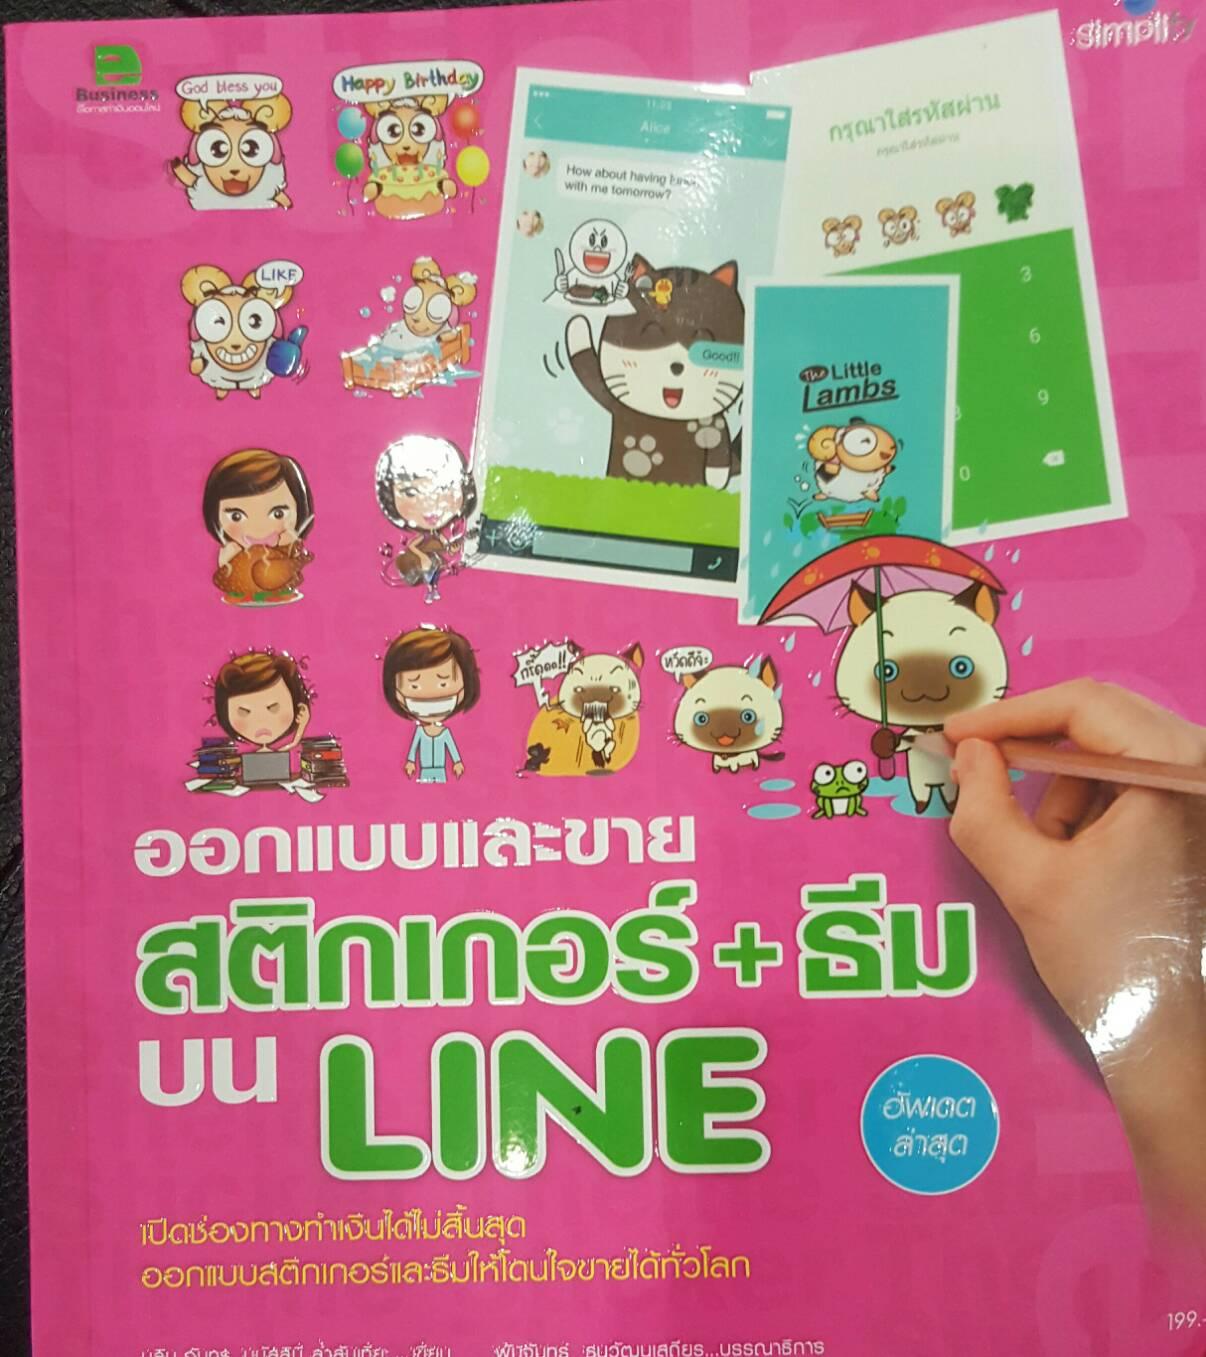 ออกแบบและขายสติกเกอร์+ธีมบน LINE